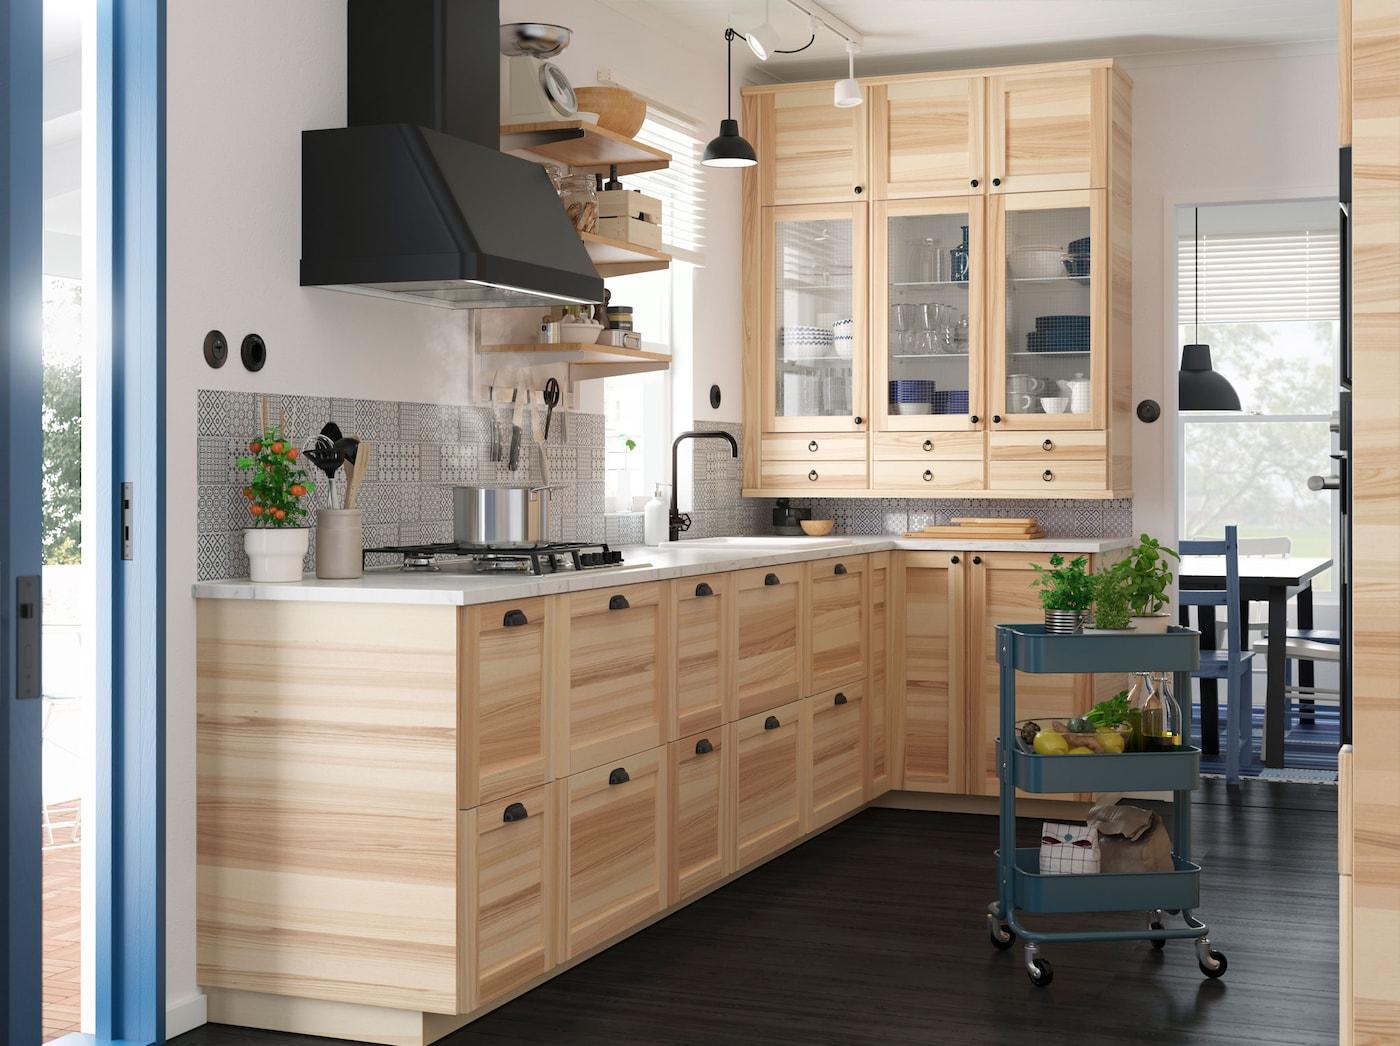 Añade Toque A Cocina Un Ikea De Naturaleza Tu 5jRL4q3A